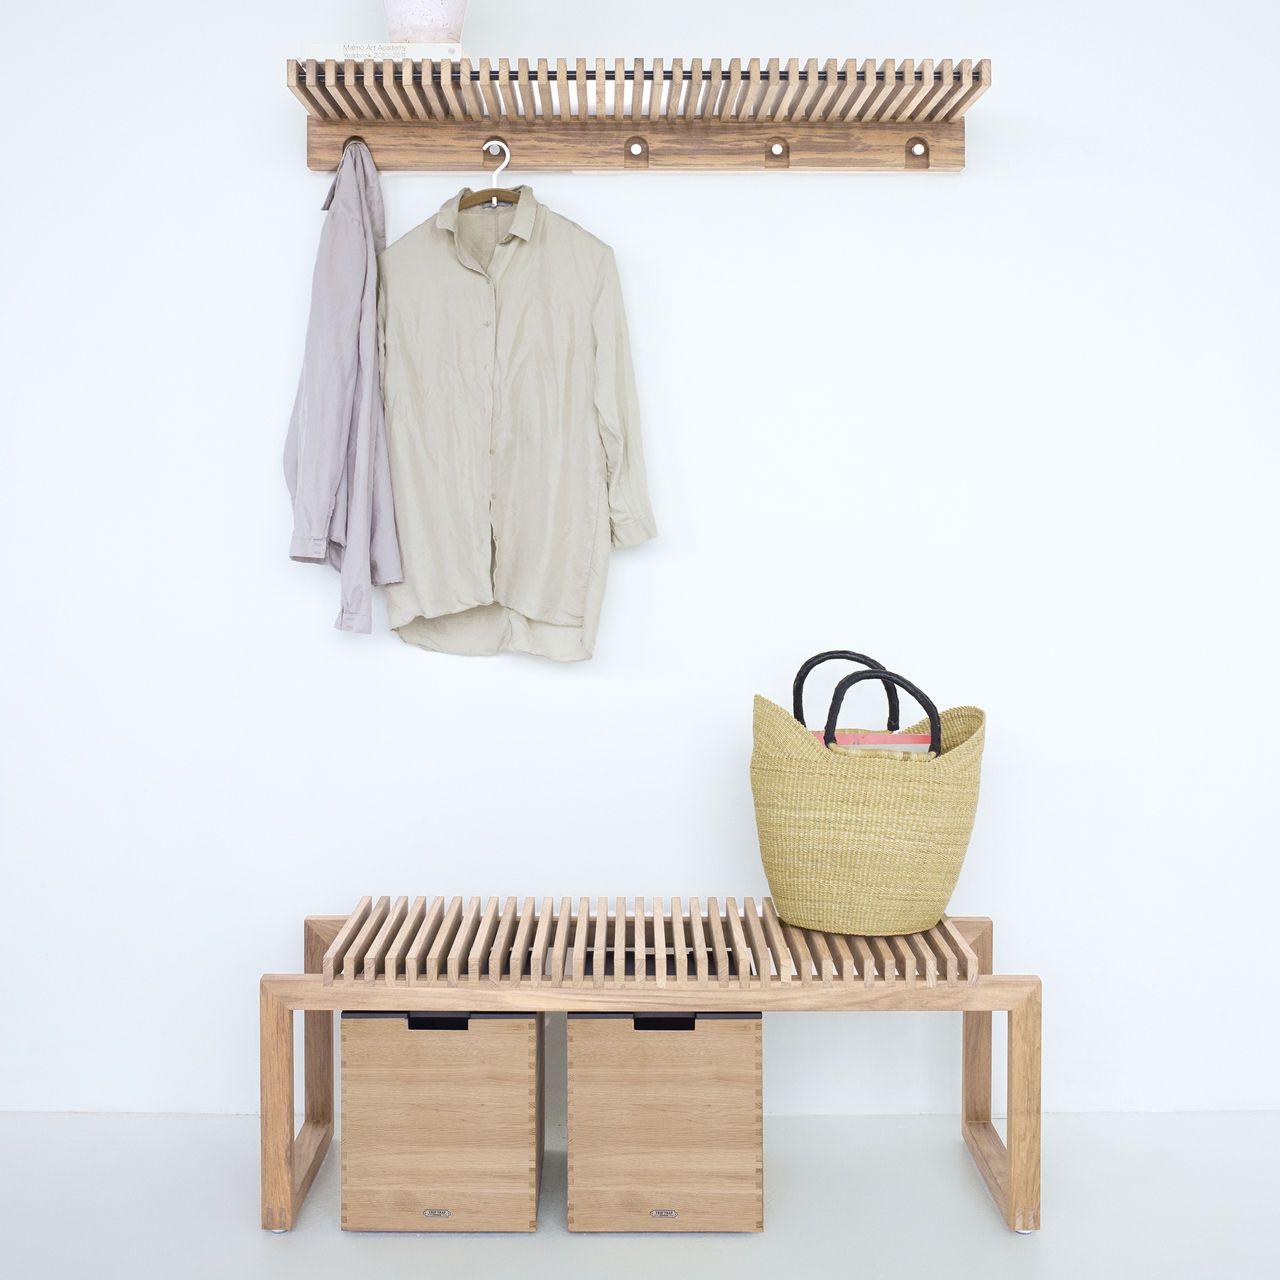 Erstklassig Verarbeitete Garderobe Bank Boxen Und Kleiderbugel